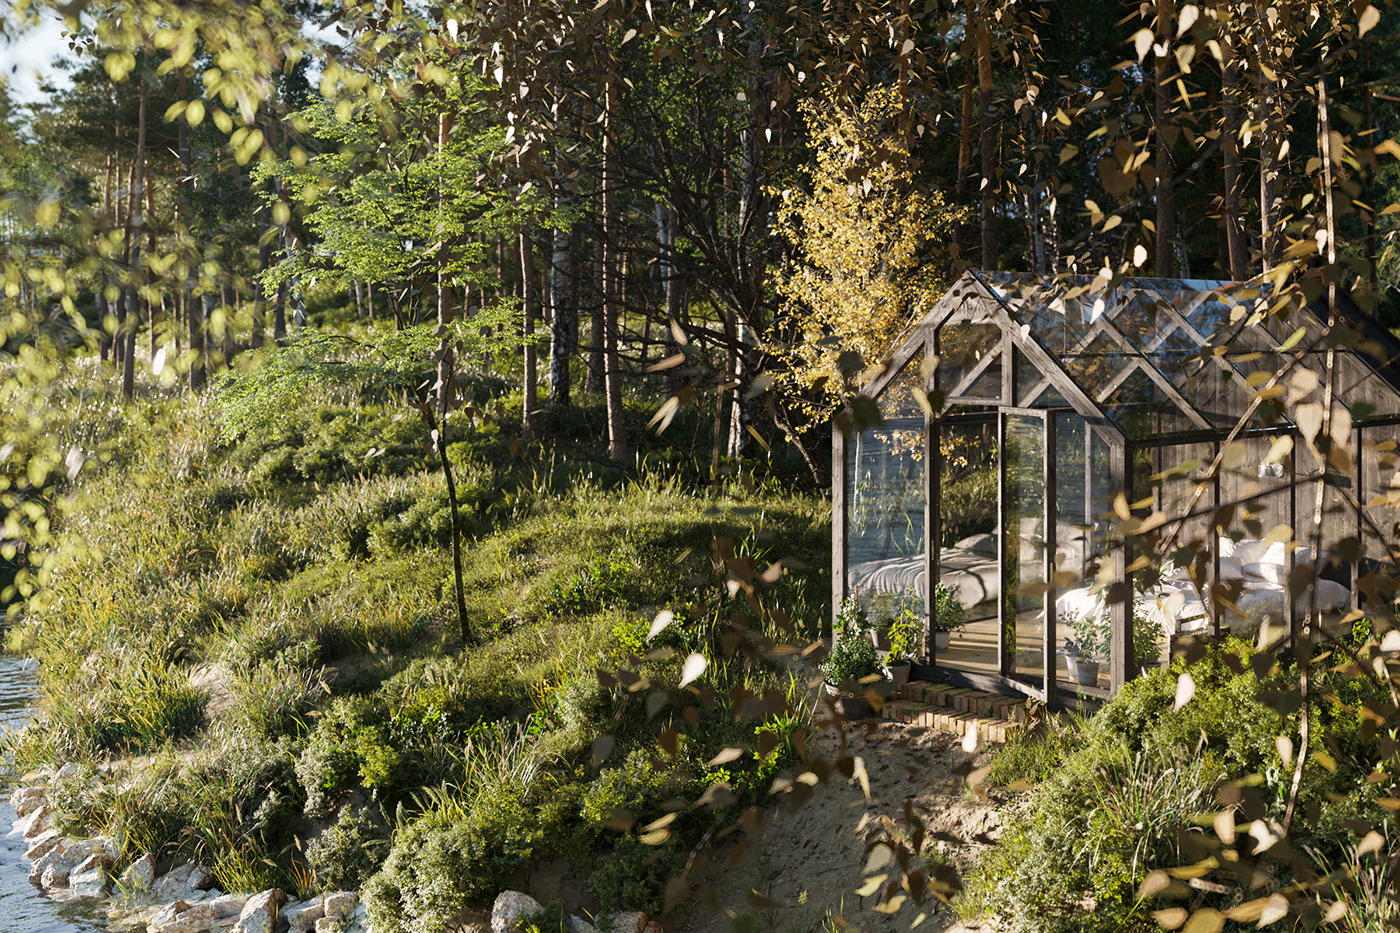 Dream Garden Shed [FULL CGI] on Behance